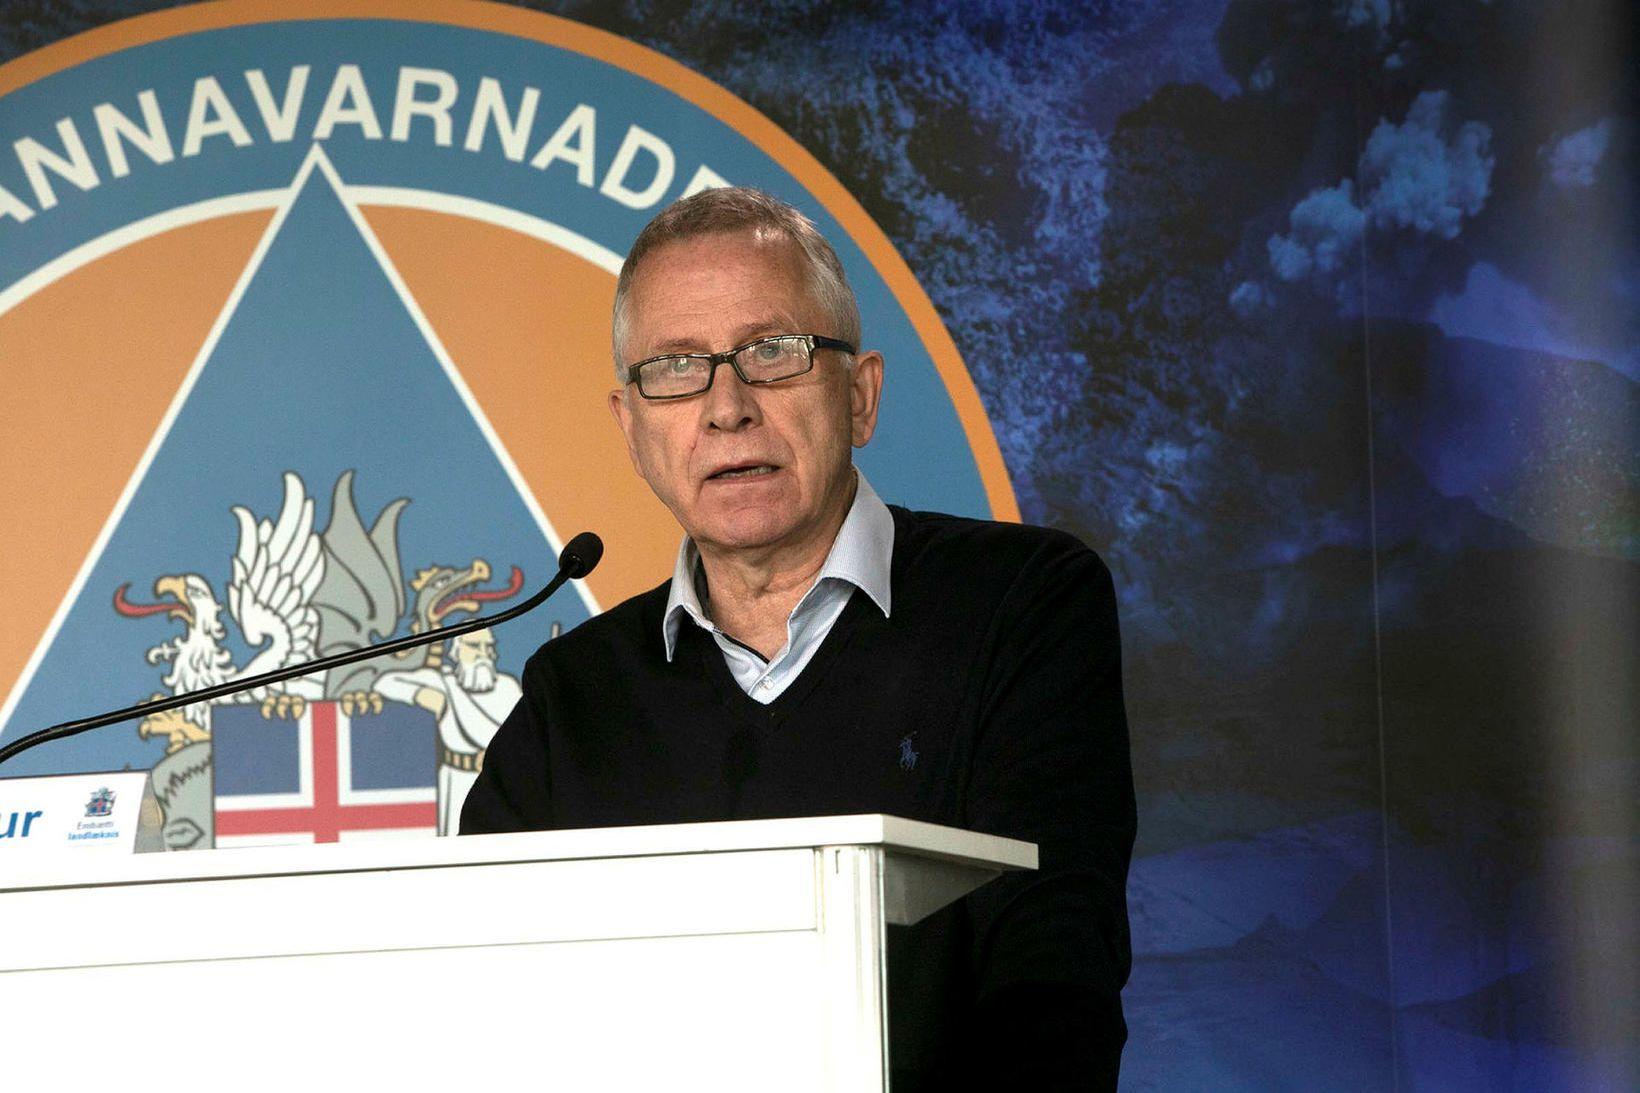 Þórólfur Guðnason sóttvarnalæknir vill herða aðgerðir á landamærum.